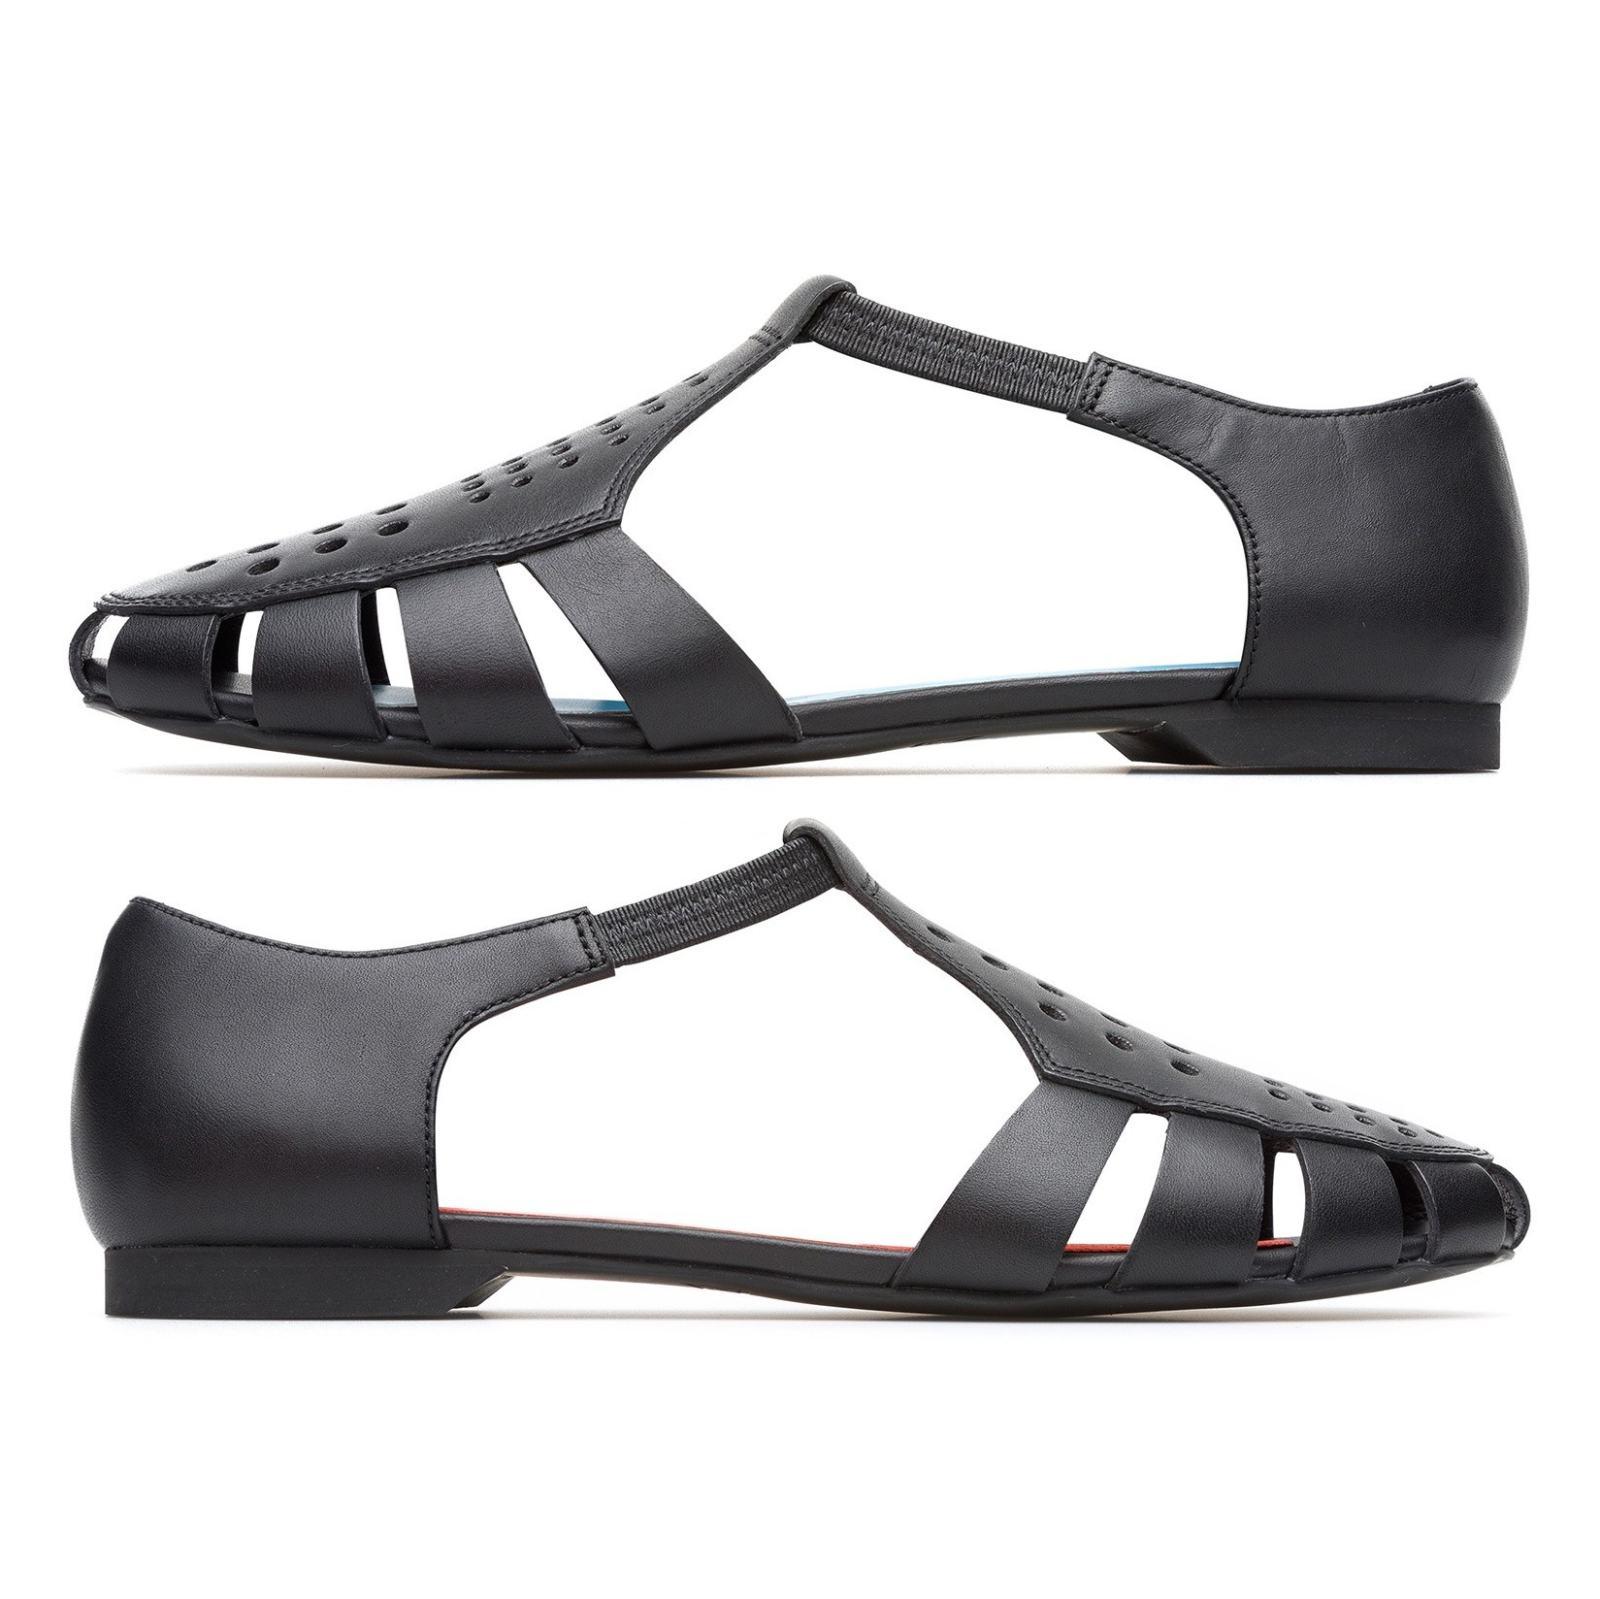 کفش چرم تخت زنانه Servolux - کمپر - مشکي - 3